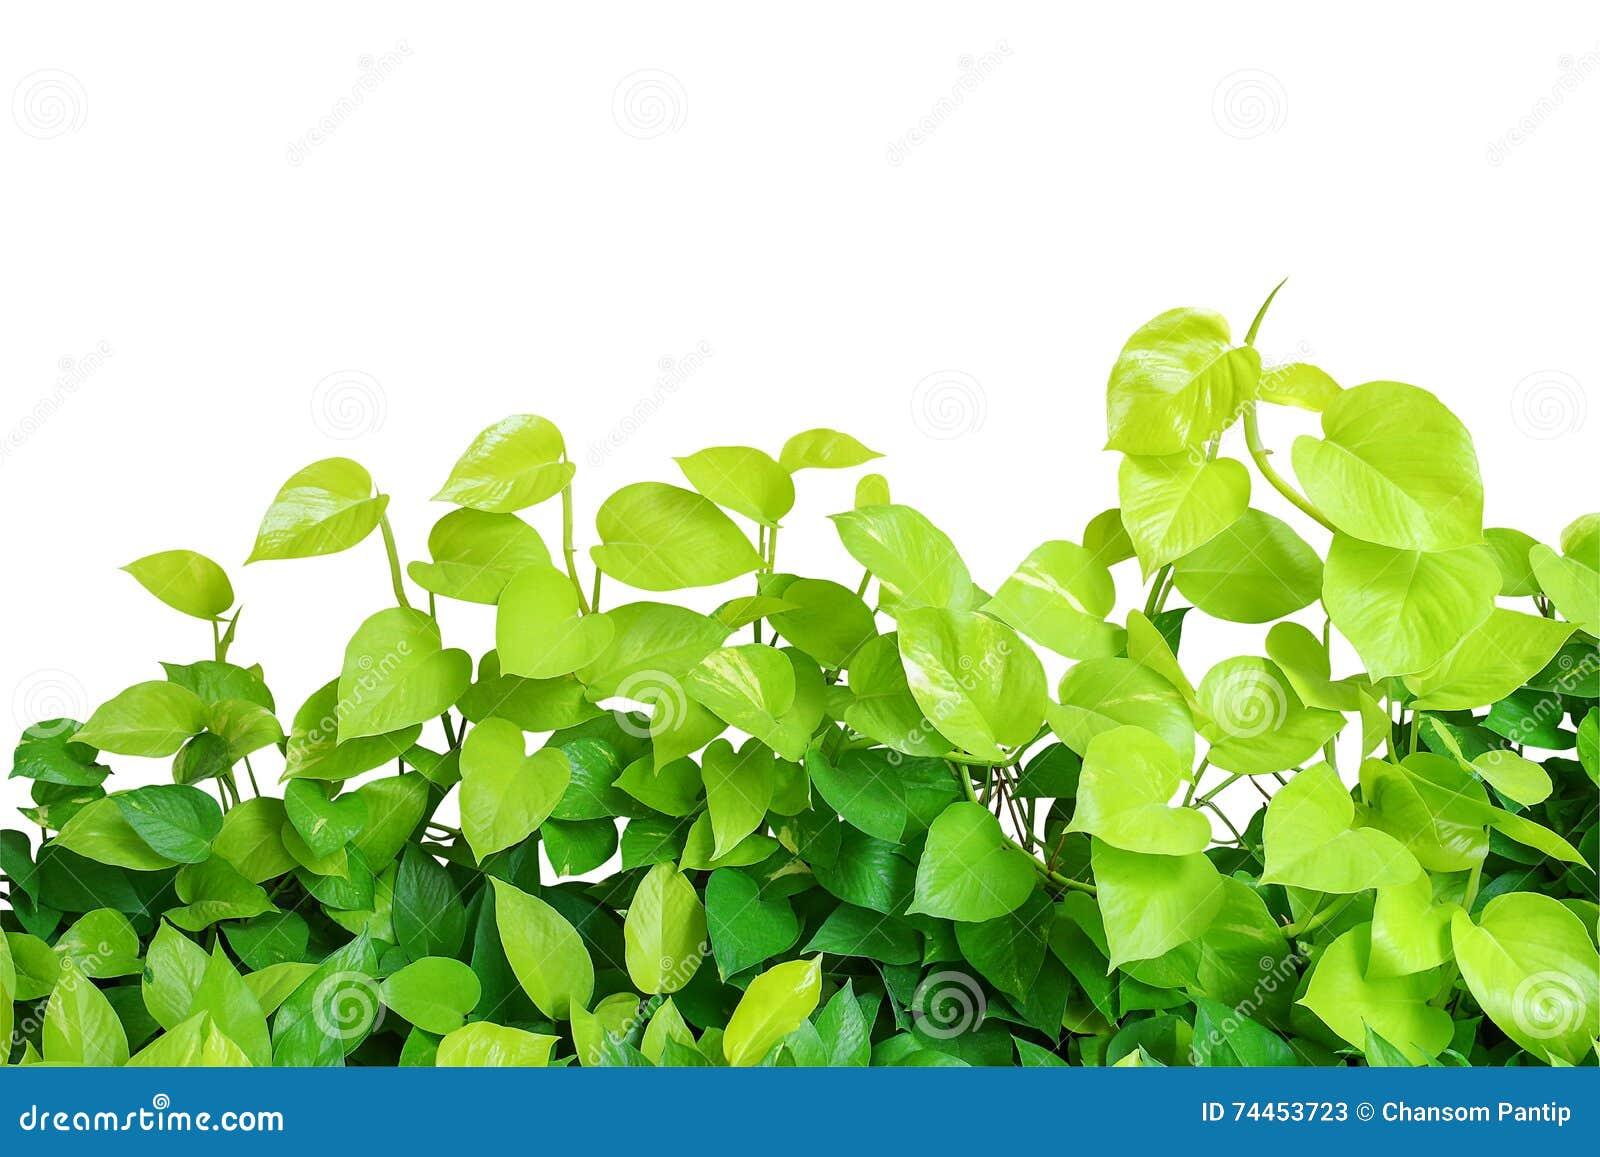 Heart shaped green yellow leaves vine devils ivy golden potho download heart shaped green yellow leaves vine devils ivy golden potho stock image mightylinksfo